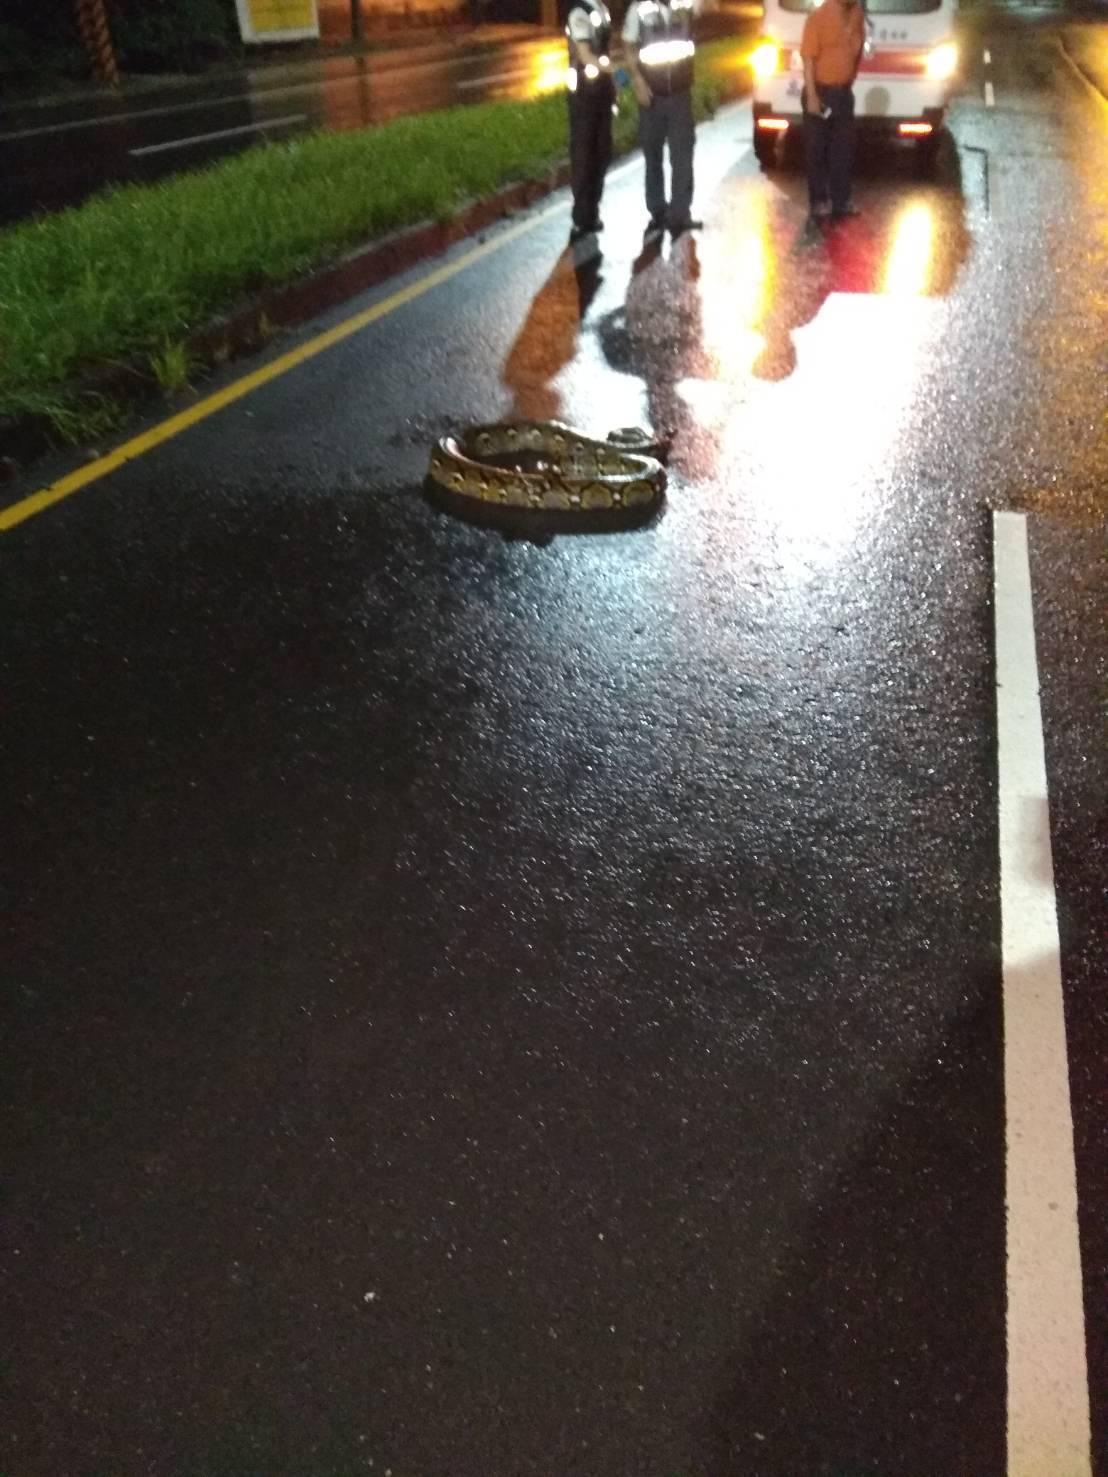 1條長達1.8公尺的蟒蛇近深夜流竄在大寮區新厝路上,被民眾發現後唯恐傷到其他用路...